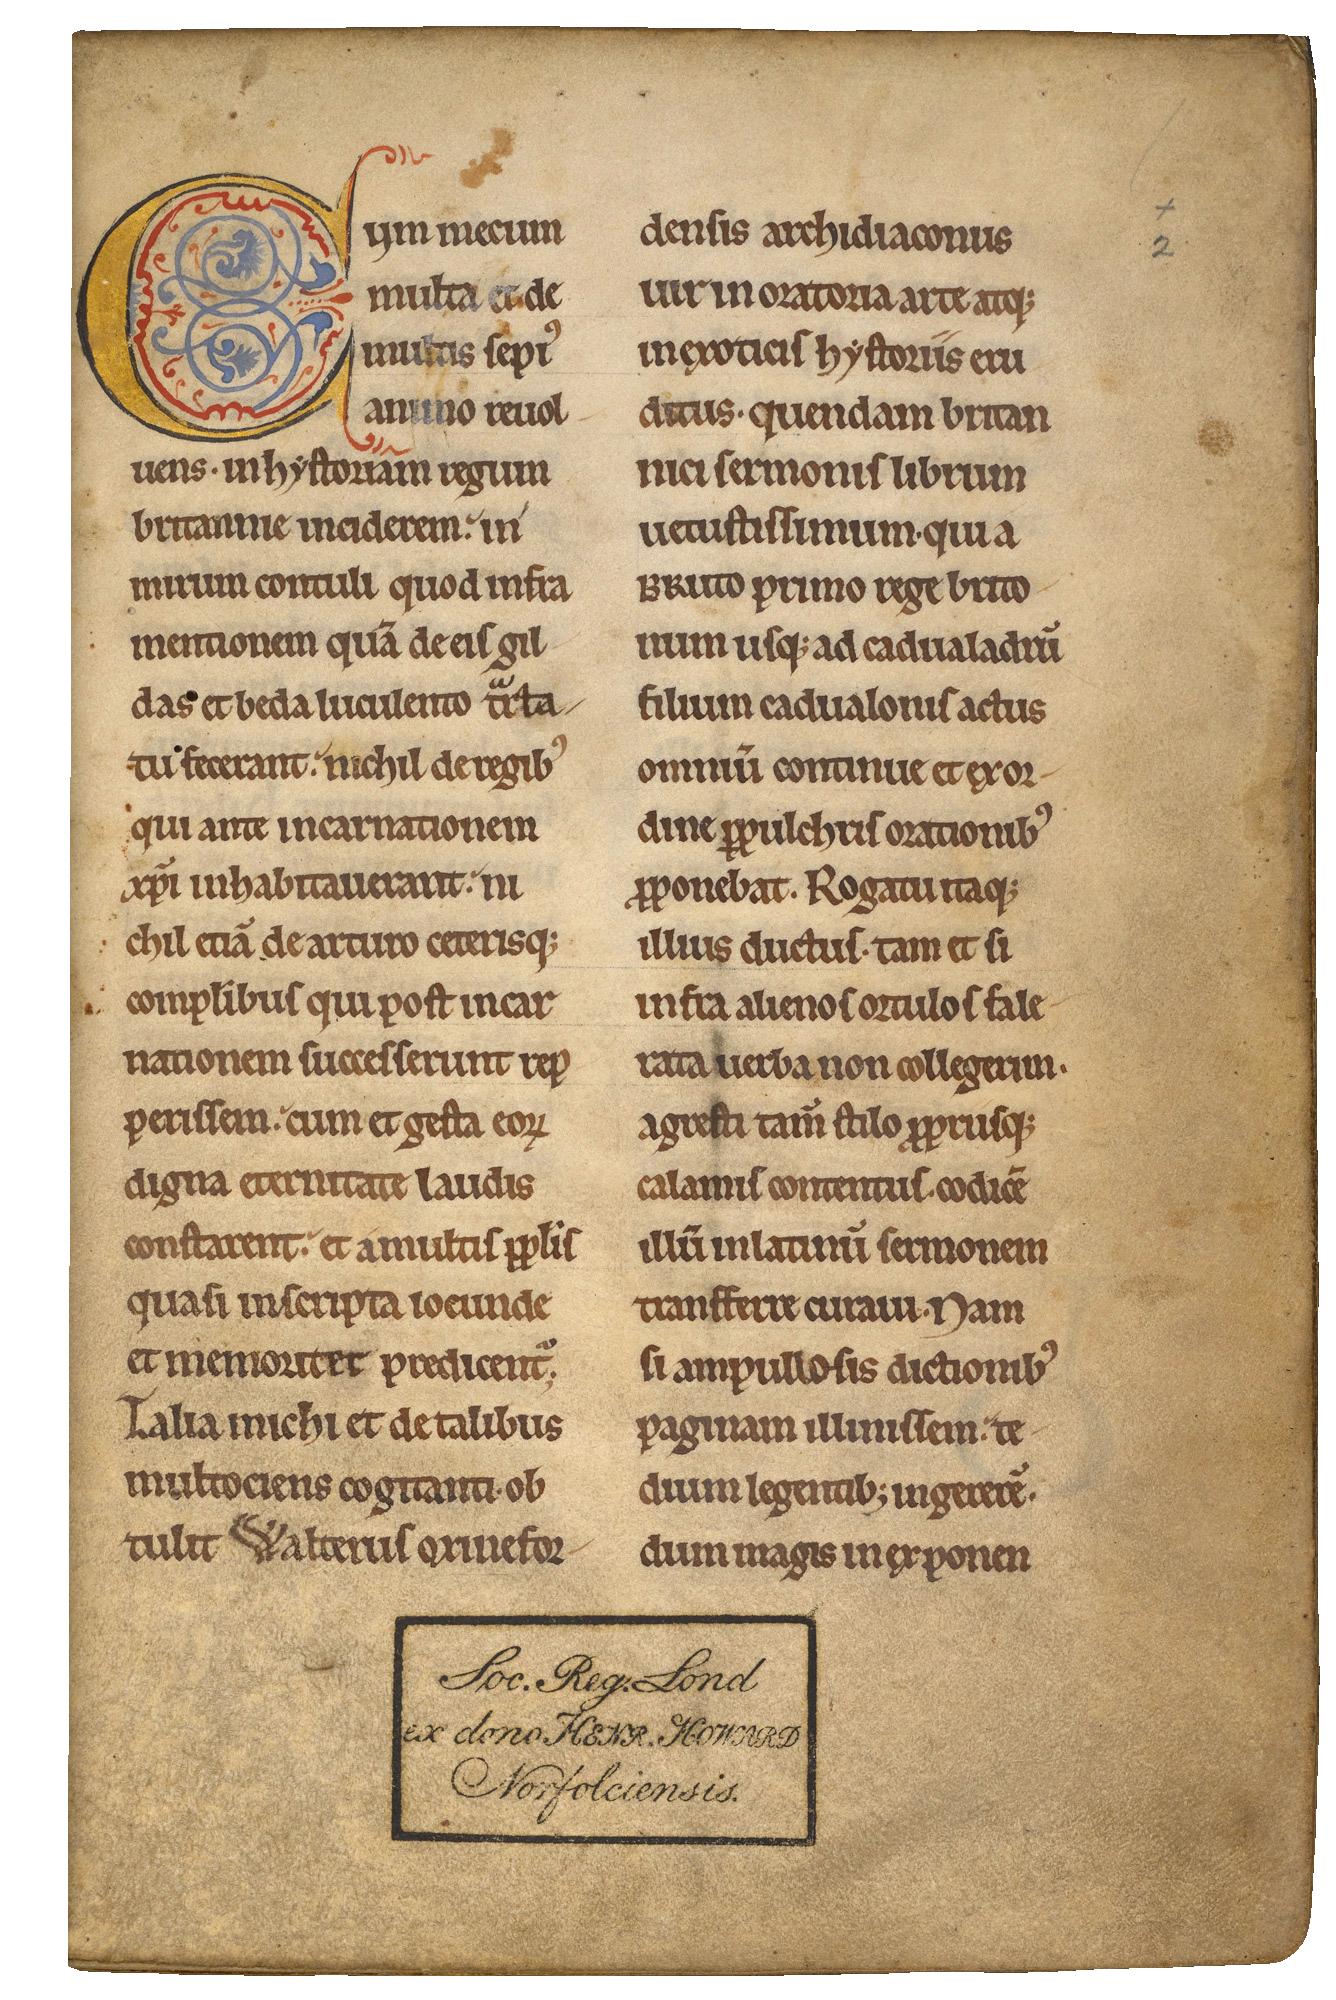 Geoffrey of Monmouth - Historia Regum Britanniae (4th quarter of the 12th century)